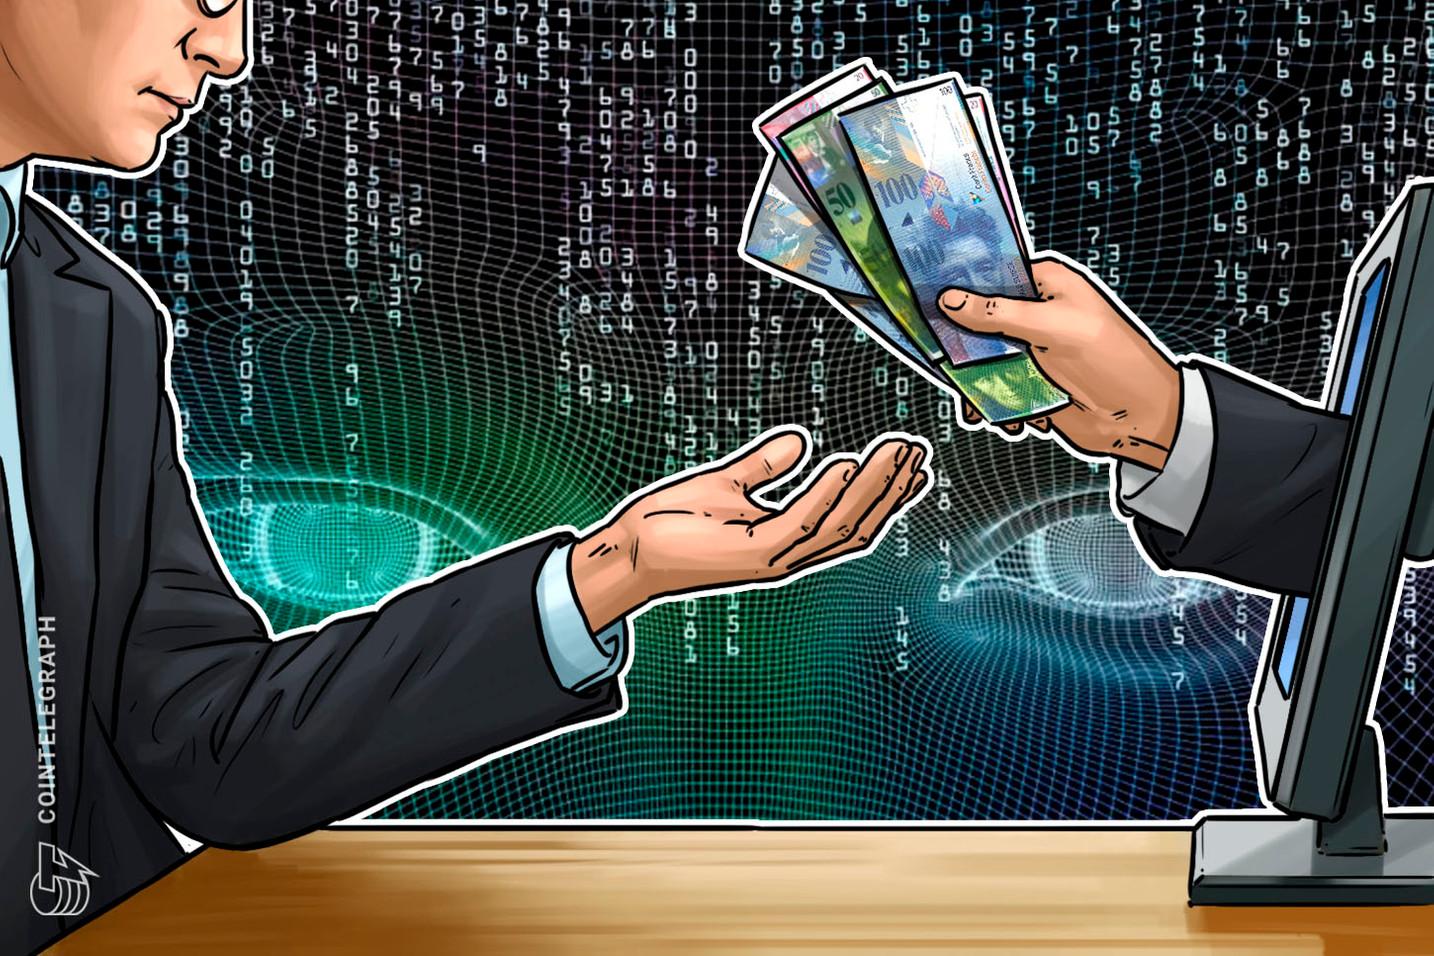 Licencia suiza de fintech permite a firmas cripto y blockchain aceptar $100 millones en fondos públicos